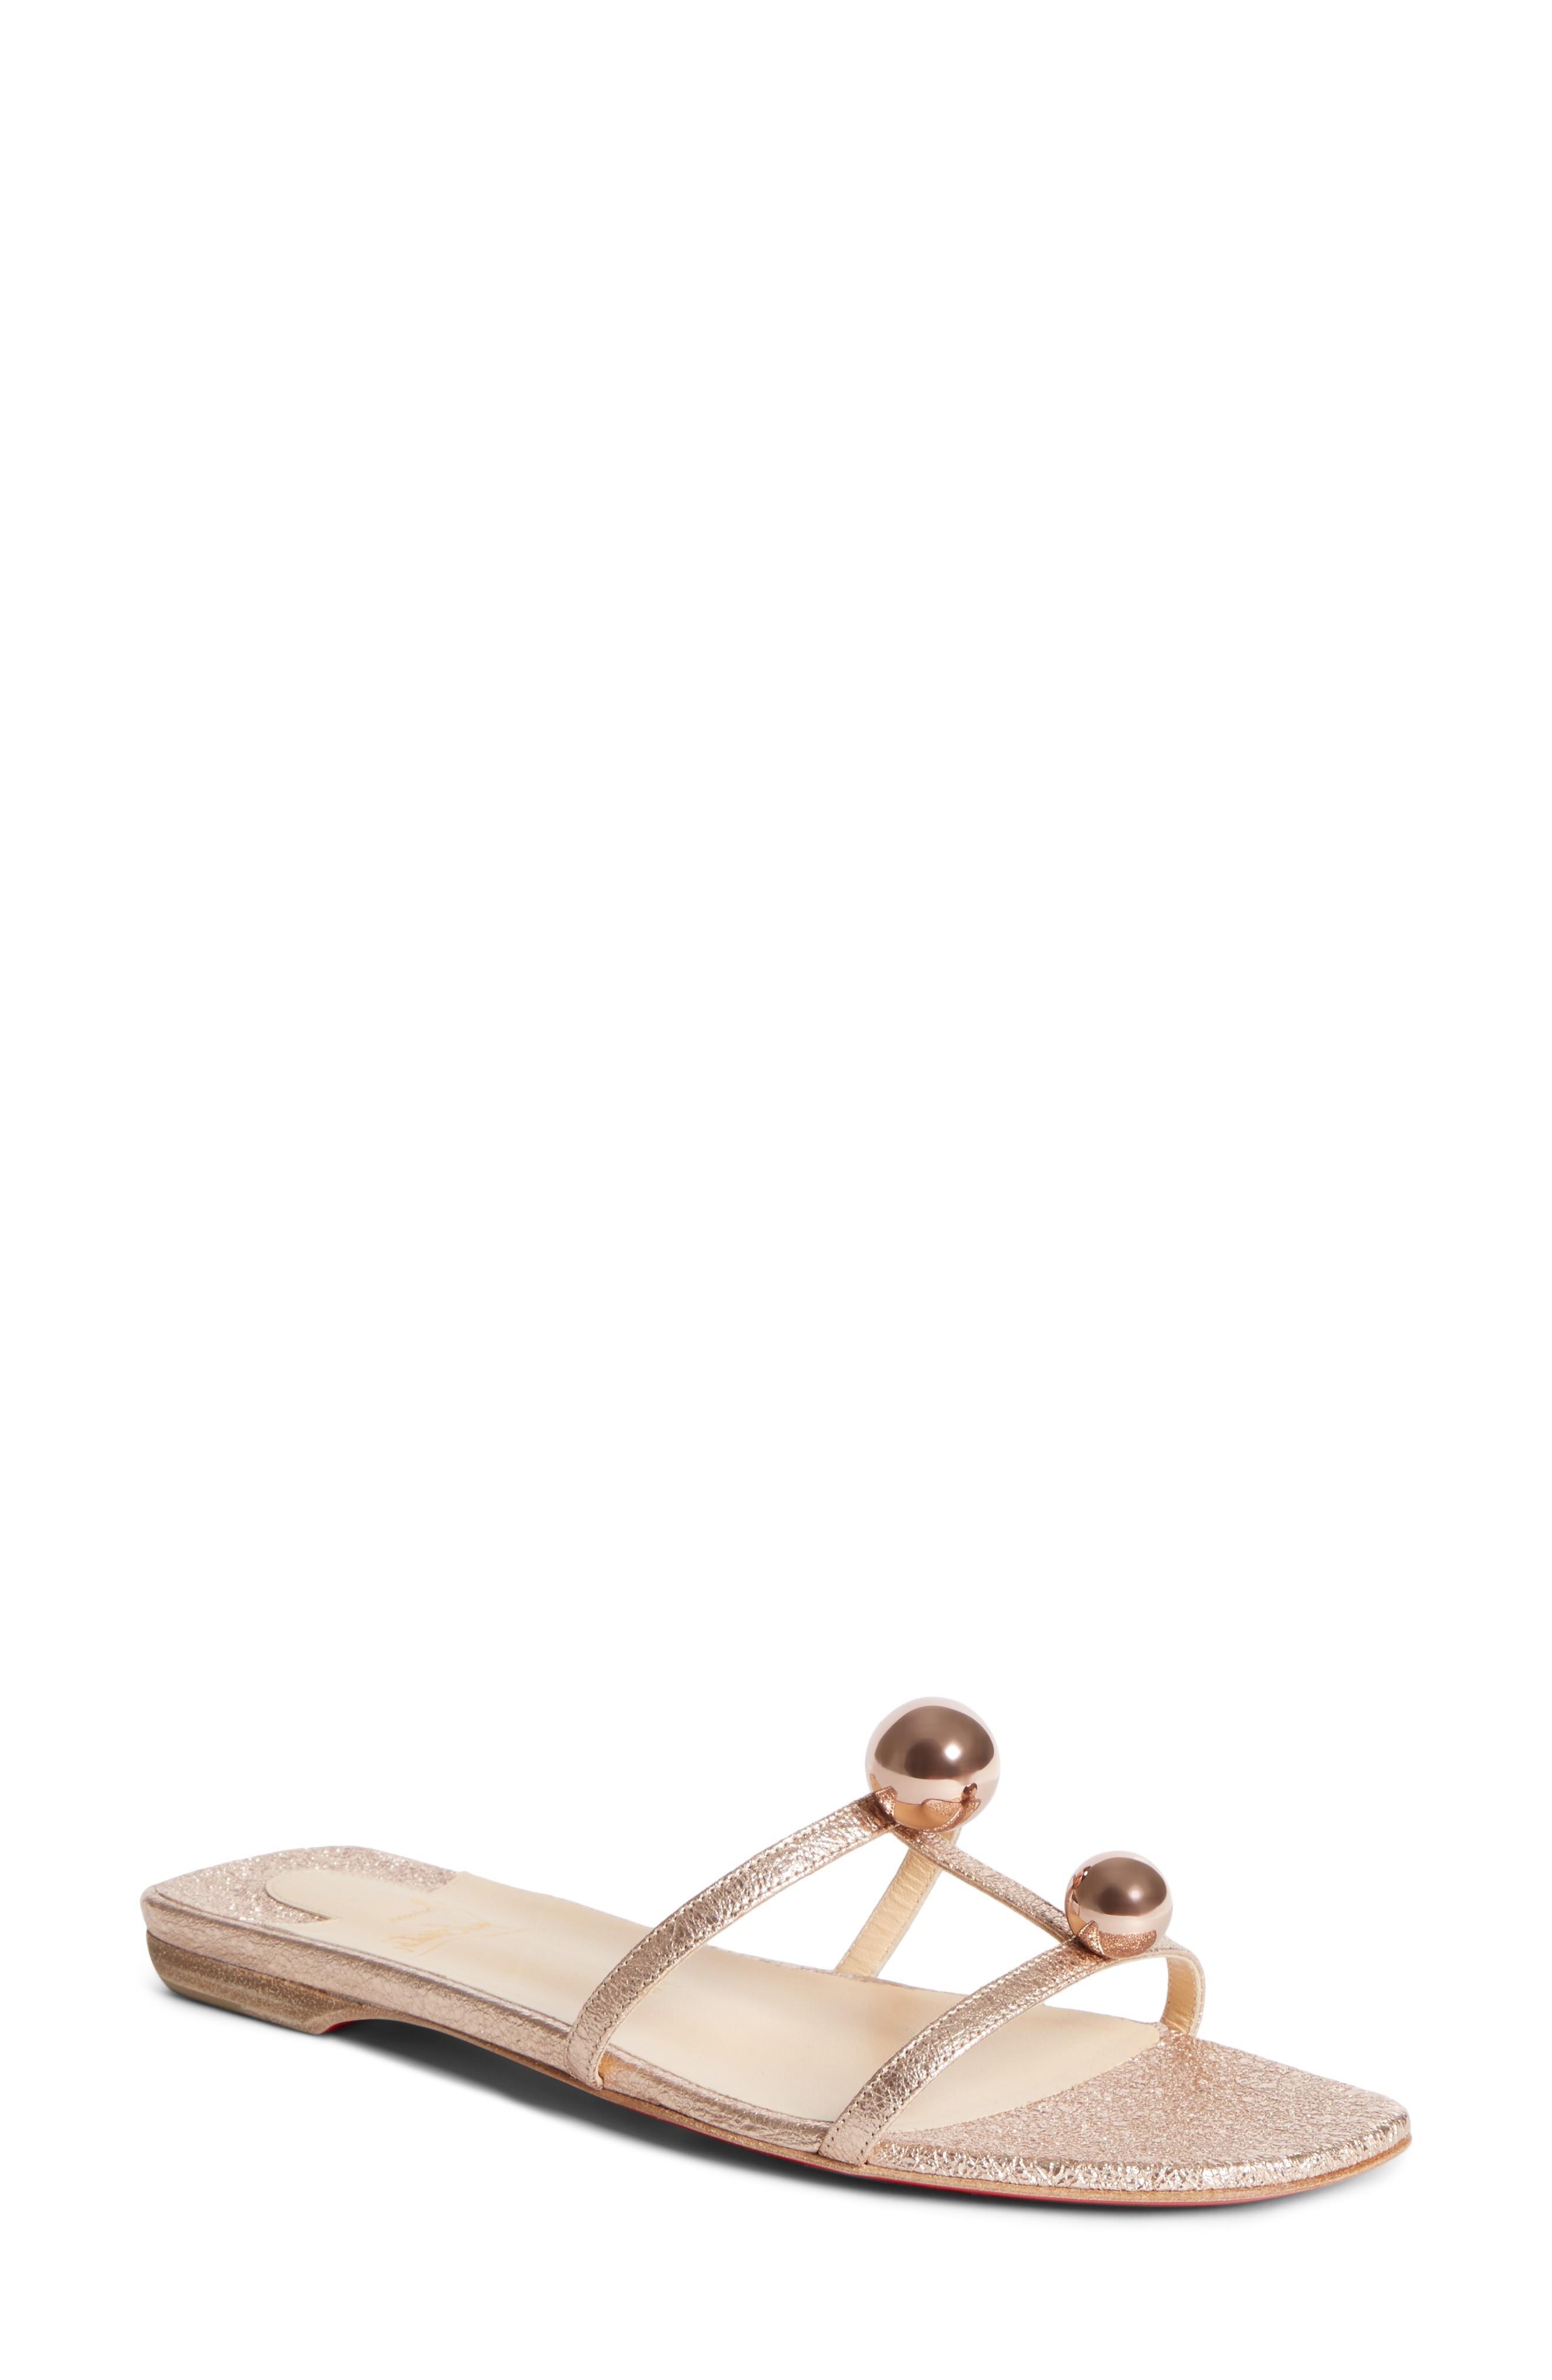 1149fb833e61 Christian Louboutin Atonetta Ornament Slide Sandal In Rose Gold ...